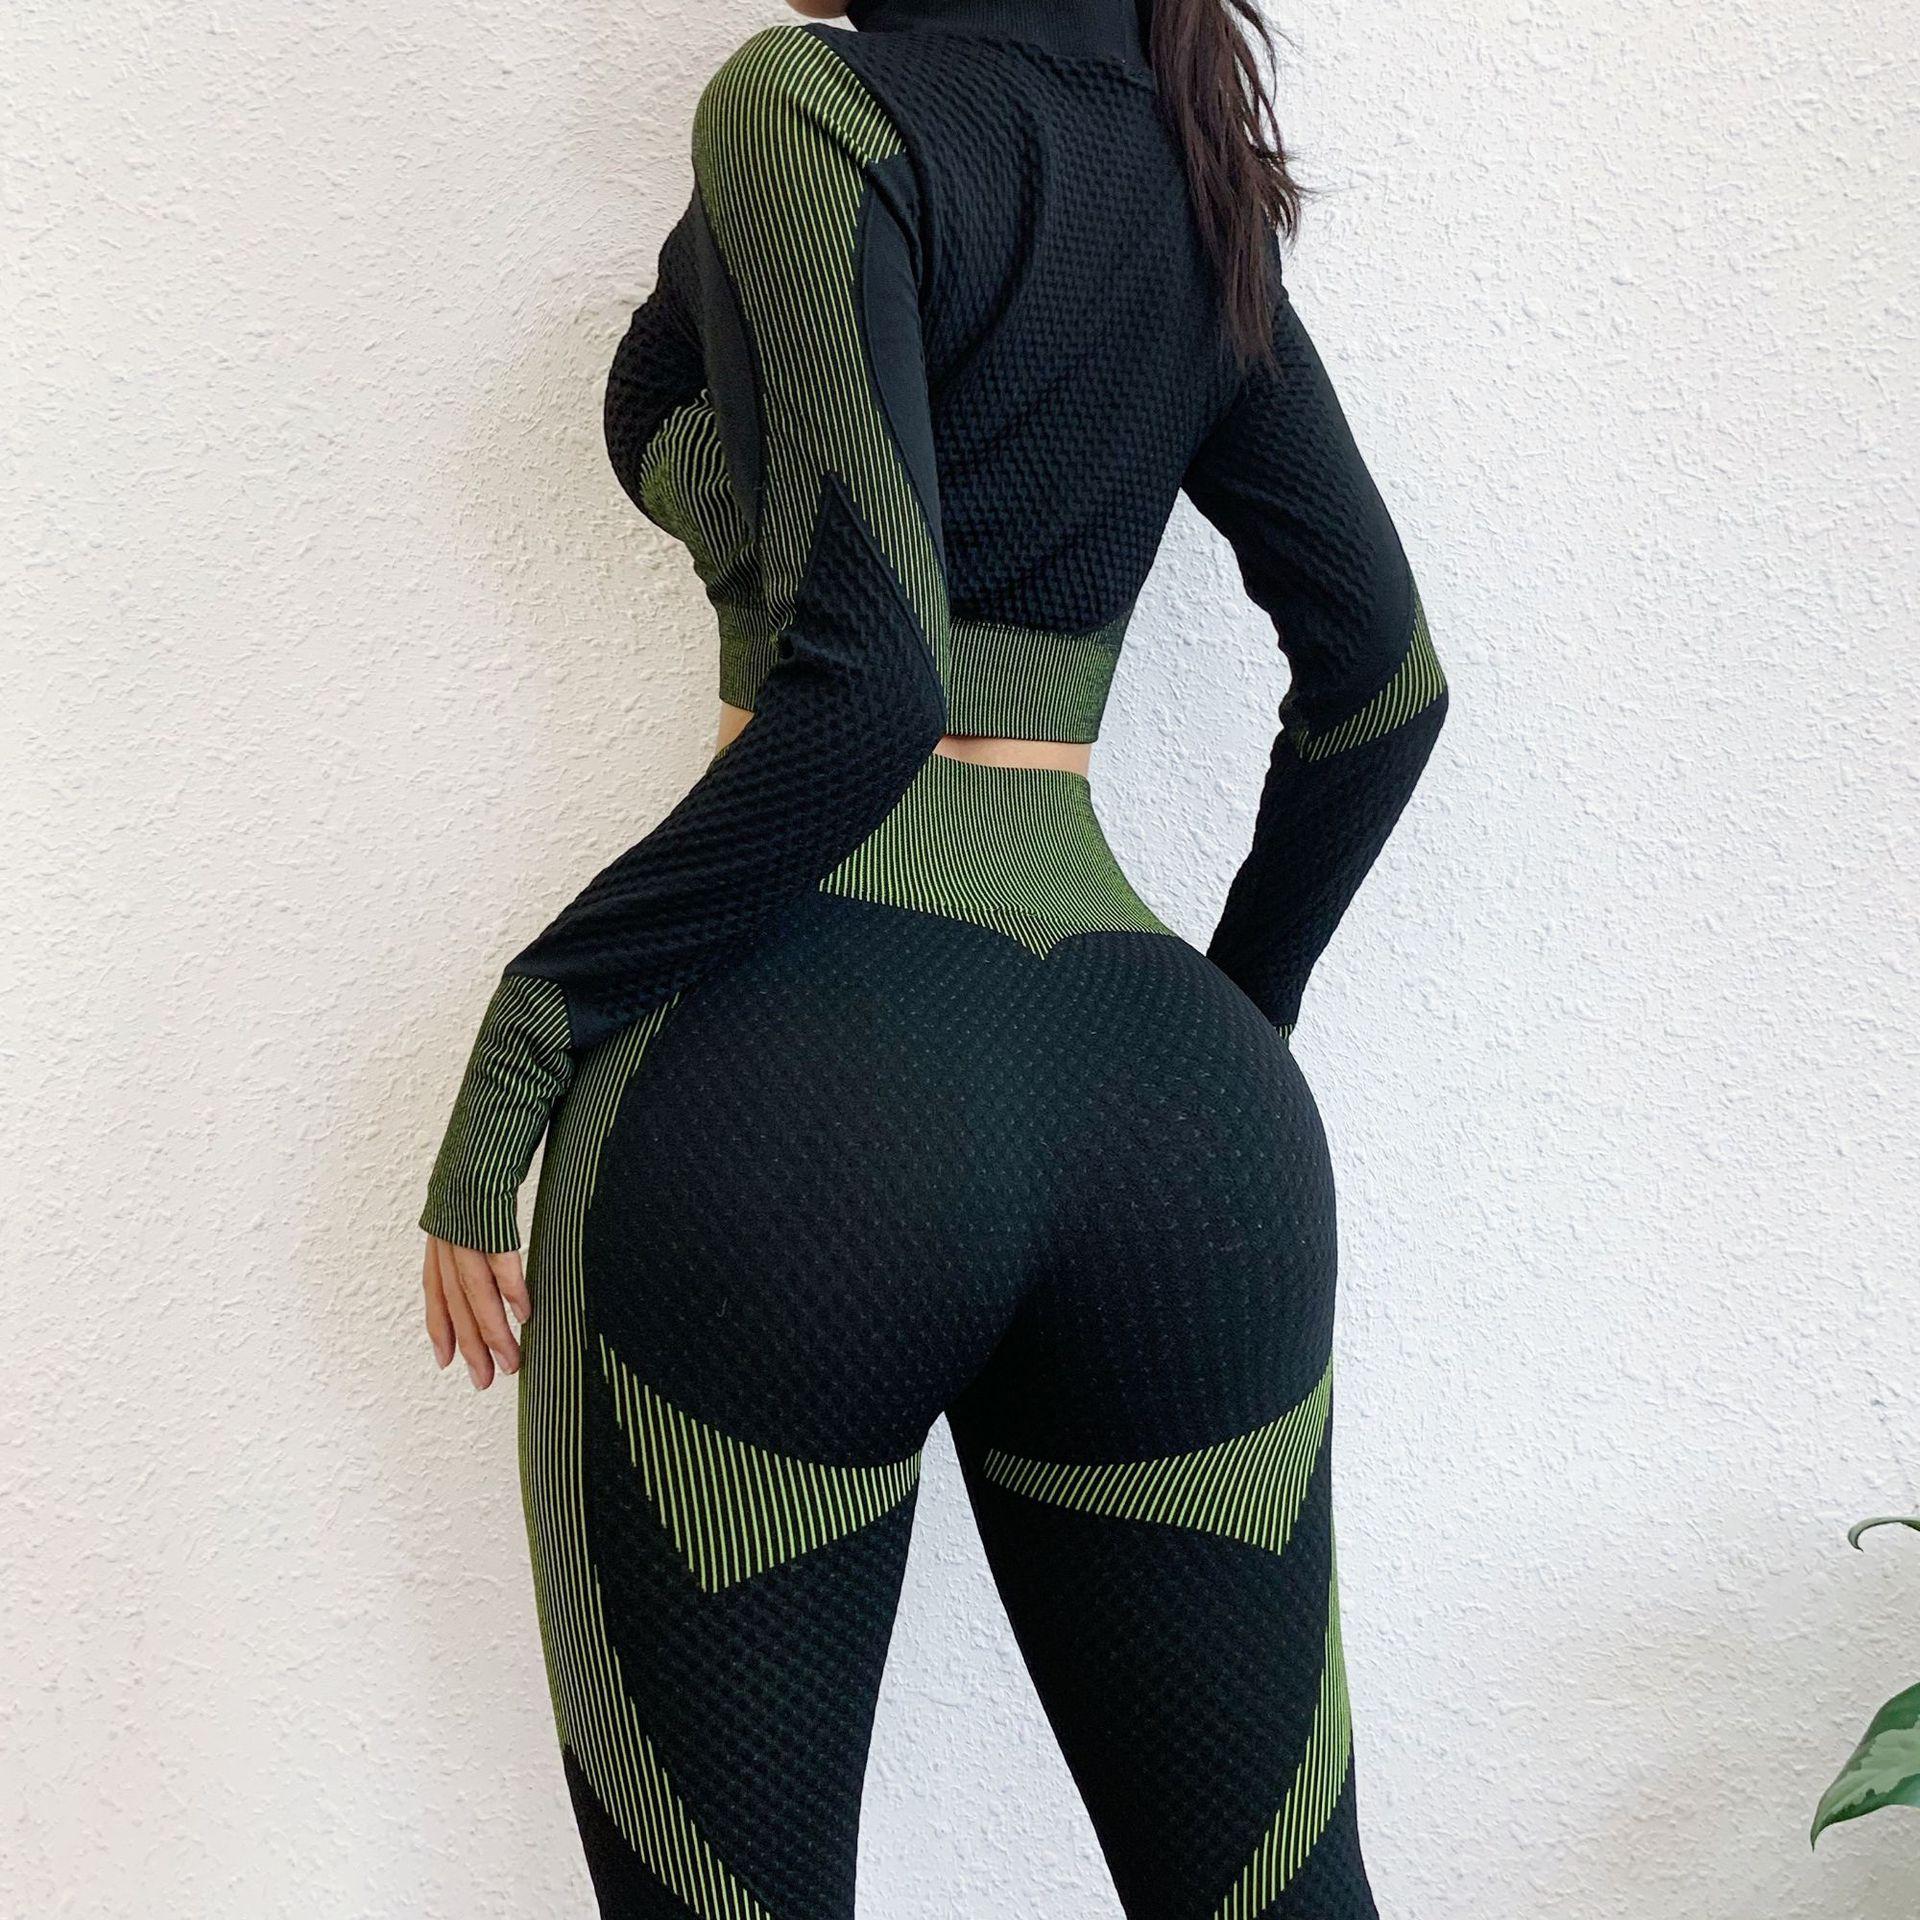 Kadın Egzersiz Spor Gym Fitness Dedikodu için Kadınlar Uzun Kollu Yoga Seti Fermuar Top Sport Suit Sorunsuz Egzersiz Giyim